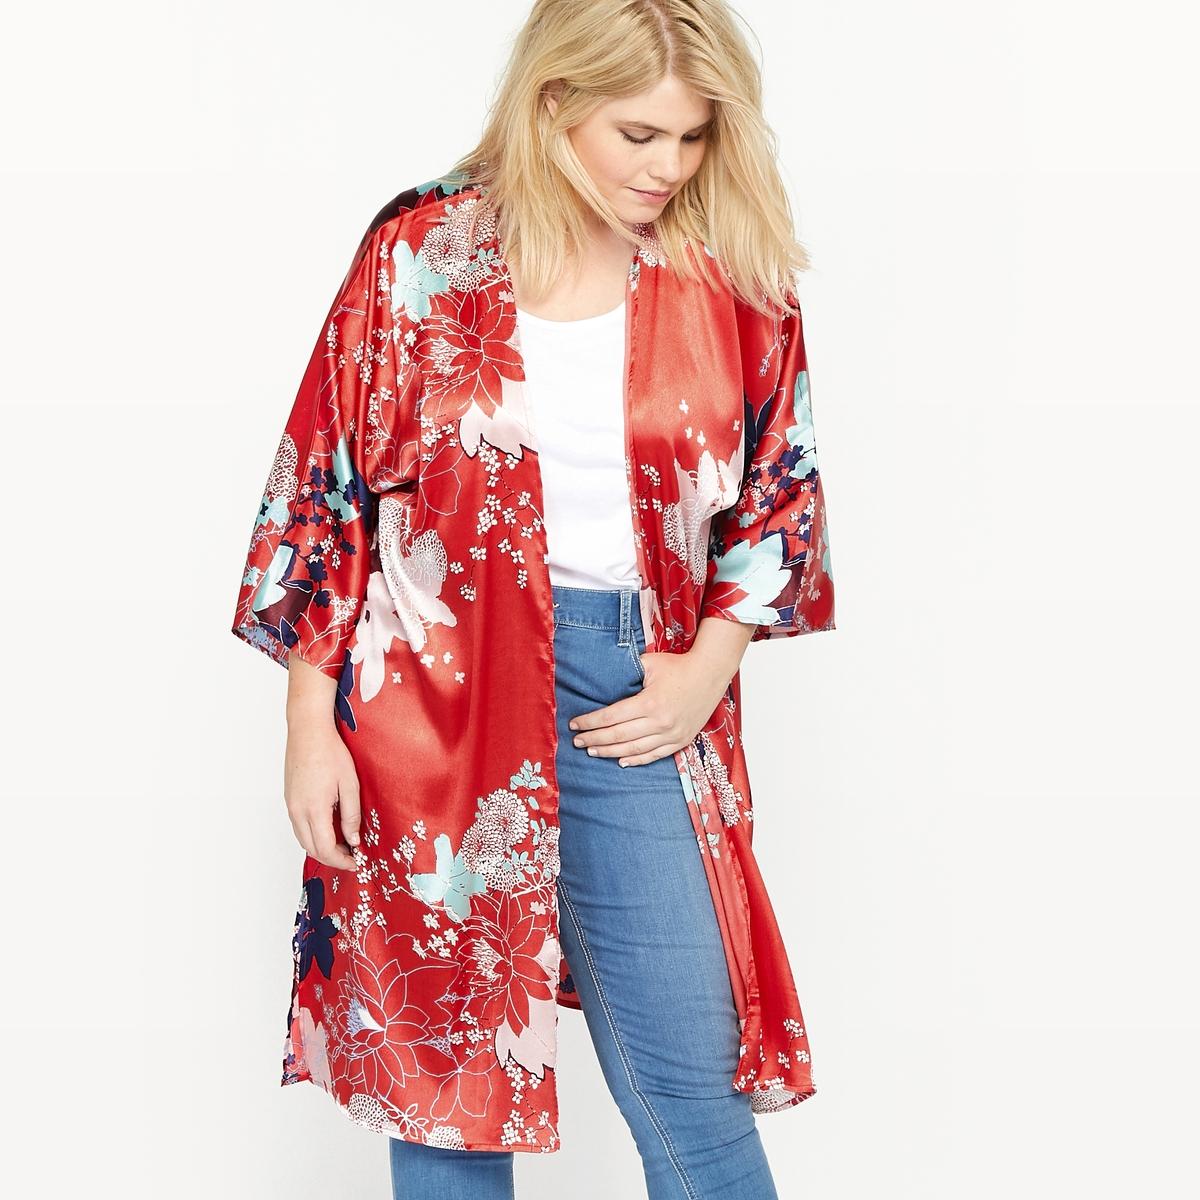 Жакет-кимоно с цветочным принтомСостав и описание :Материал : 100 % бархатистый полиэстер.Длина : 100 см для размера 48.Марка : CASTALUNA.Уход : Машинная стирка при 30°.<br><br>Цвет: цветочный рисунок<br>Размер: 42/44 (FR) - 48/50 (RUS)